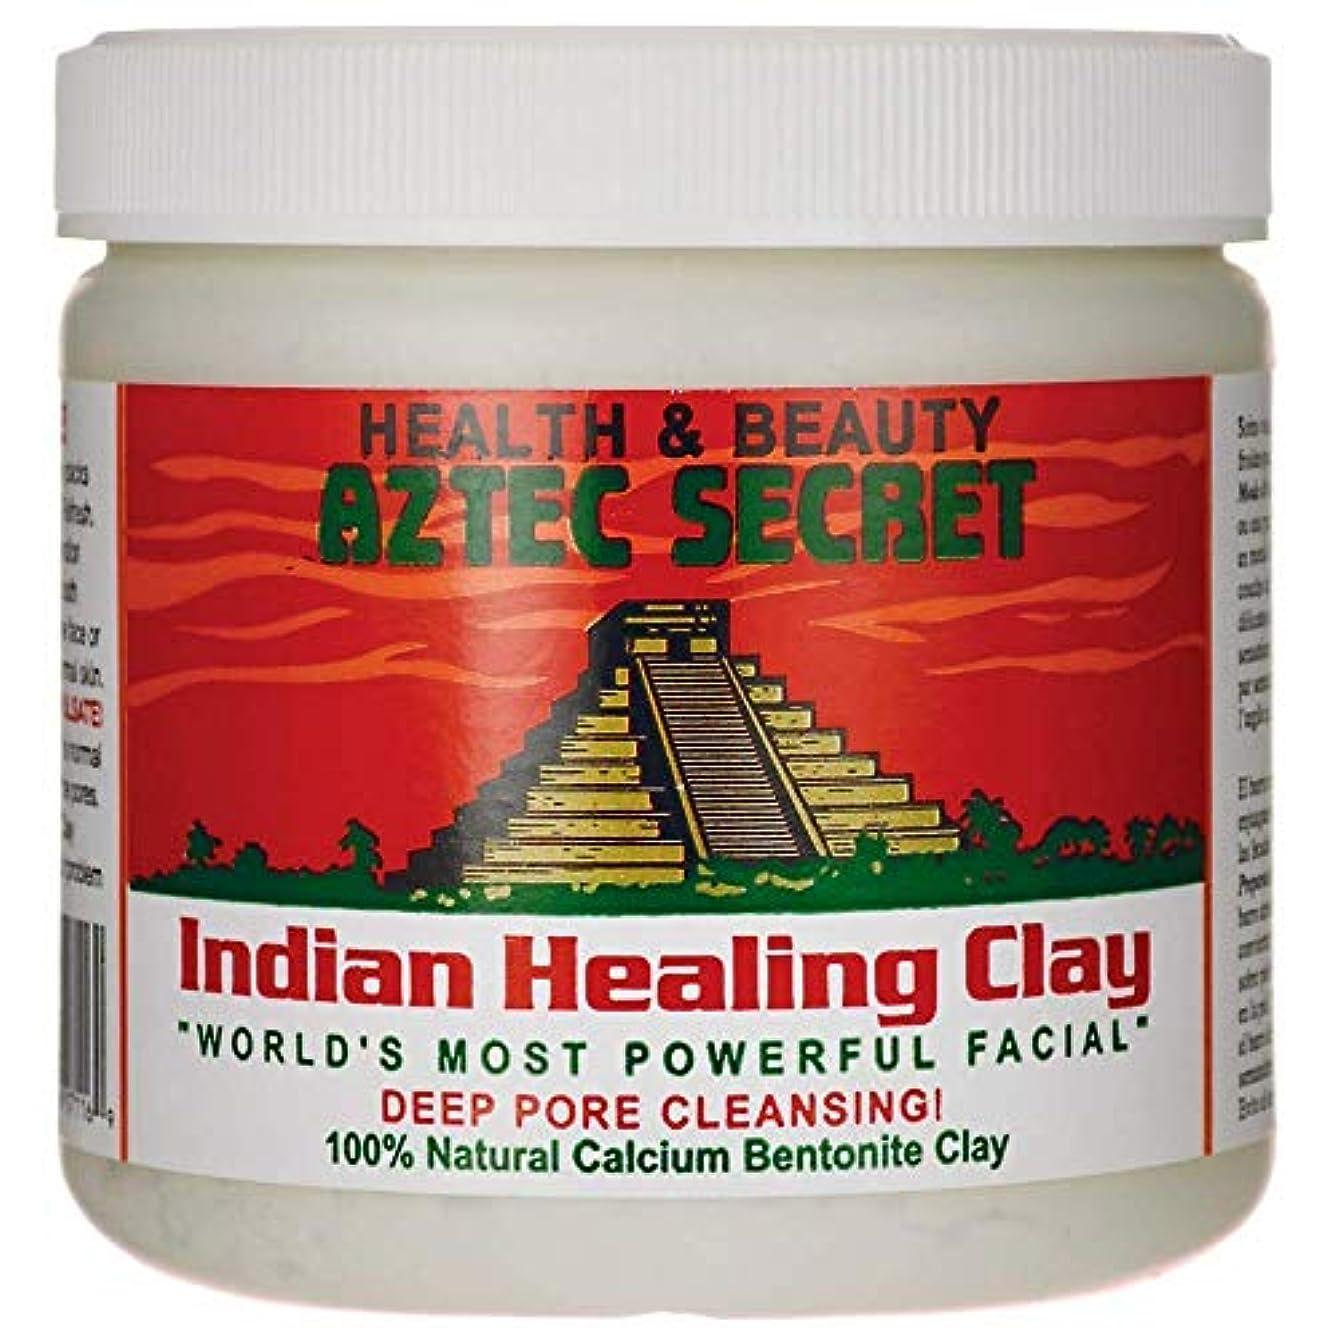 独立した口頭軍Aztec Secret 1 Lbをオリジナルの100%天然カルシウムベントナイト粘土をマスクディープポアクレンジング?フェイシャル&ボディヒーリング 1ポンド